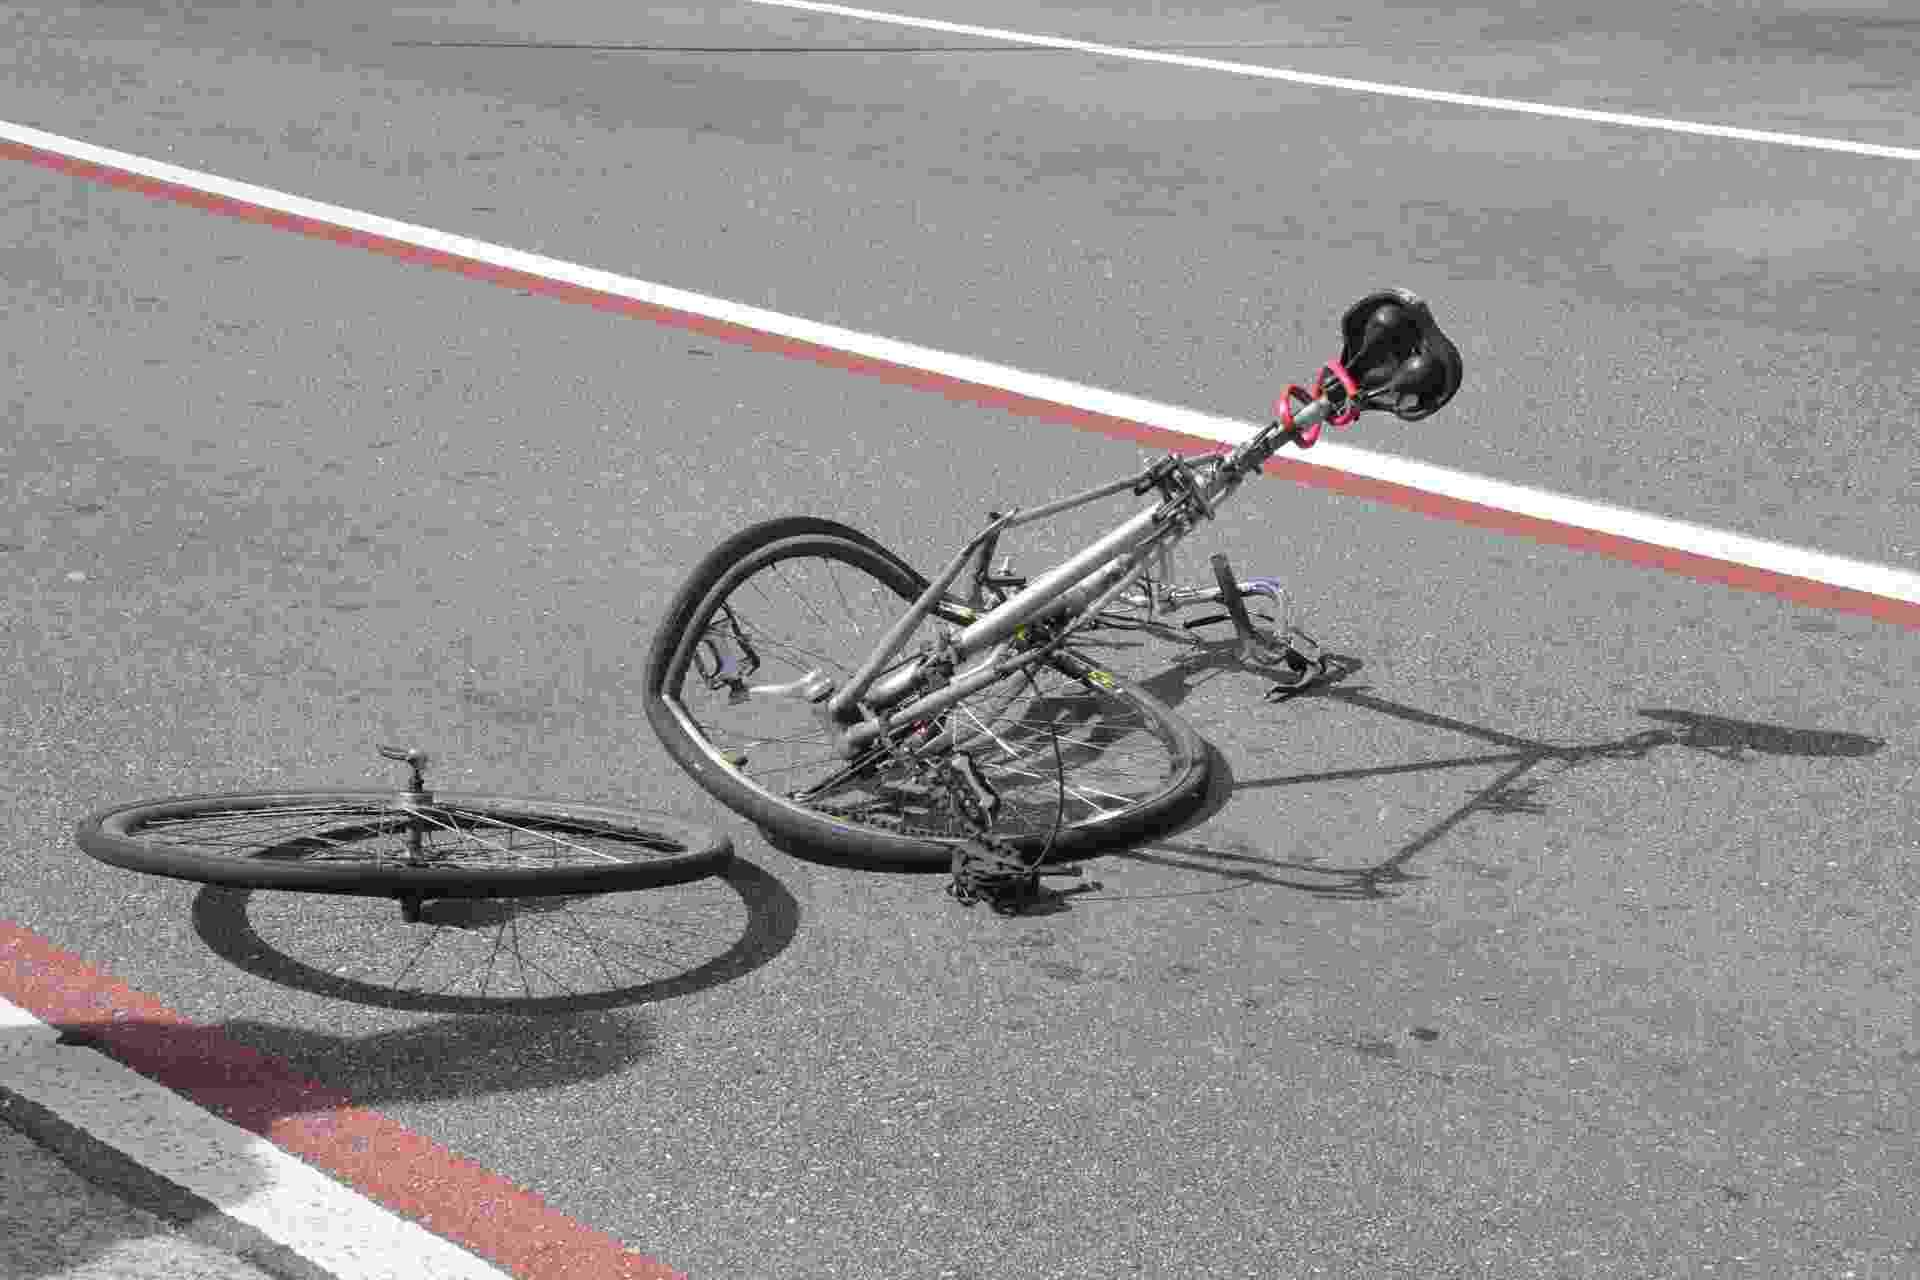 10.mar.2013 - Um ciclista perdeu um braço em um acidente com um veículo na manhã deste domingo (10),  próximo à estação Brigadeiro do metrô, na avenida Paulista, em São Paulo, SP. Segundo o Corpo de Bombeiros, o ciclista foi levado pronto-socorro do Hospital das Clínicas - J. Duran Machfee/Futura Press